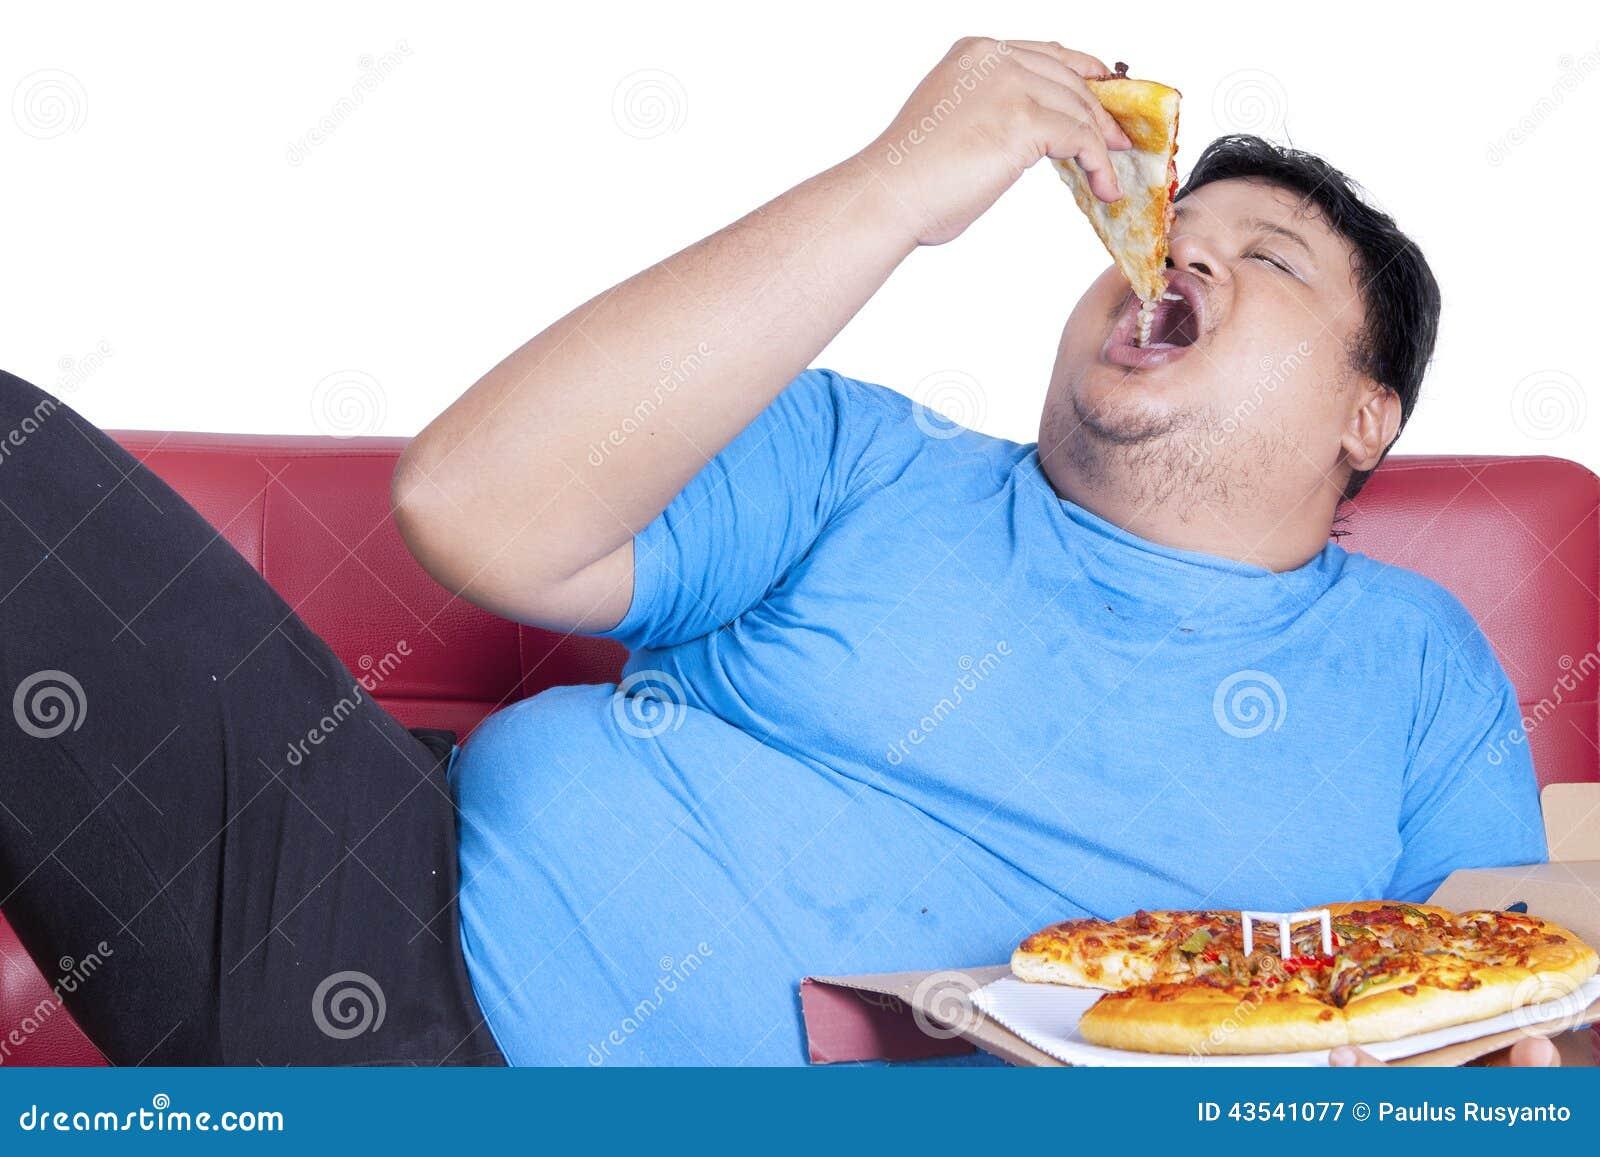 La Persona Obesa Come La Pizza 2 Foto de archivo - Imagen: 43541077